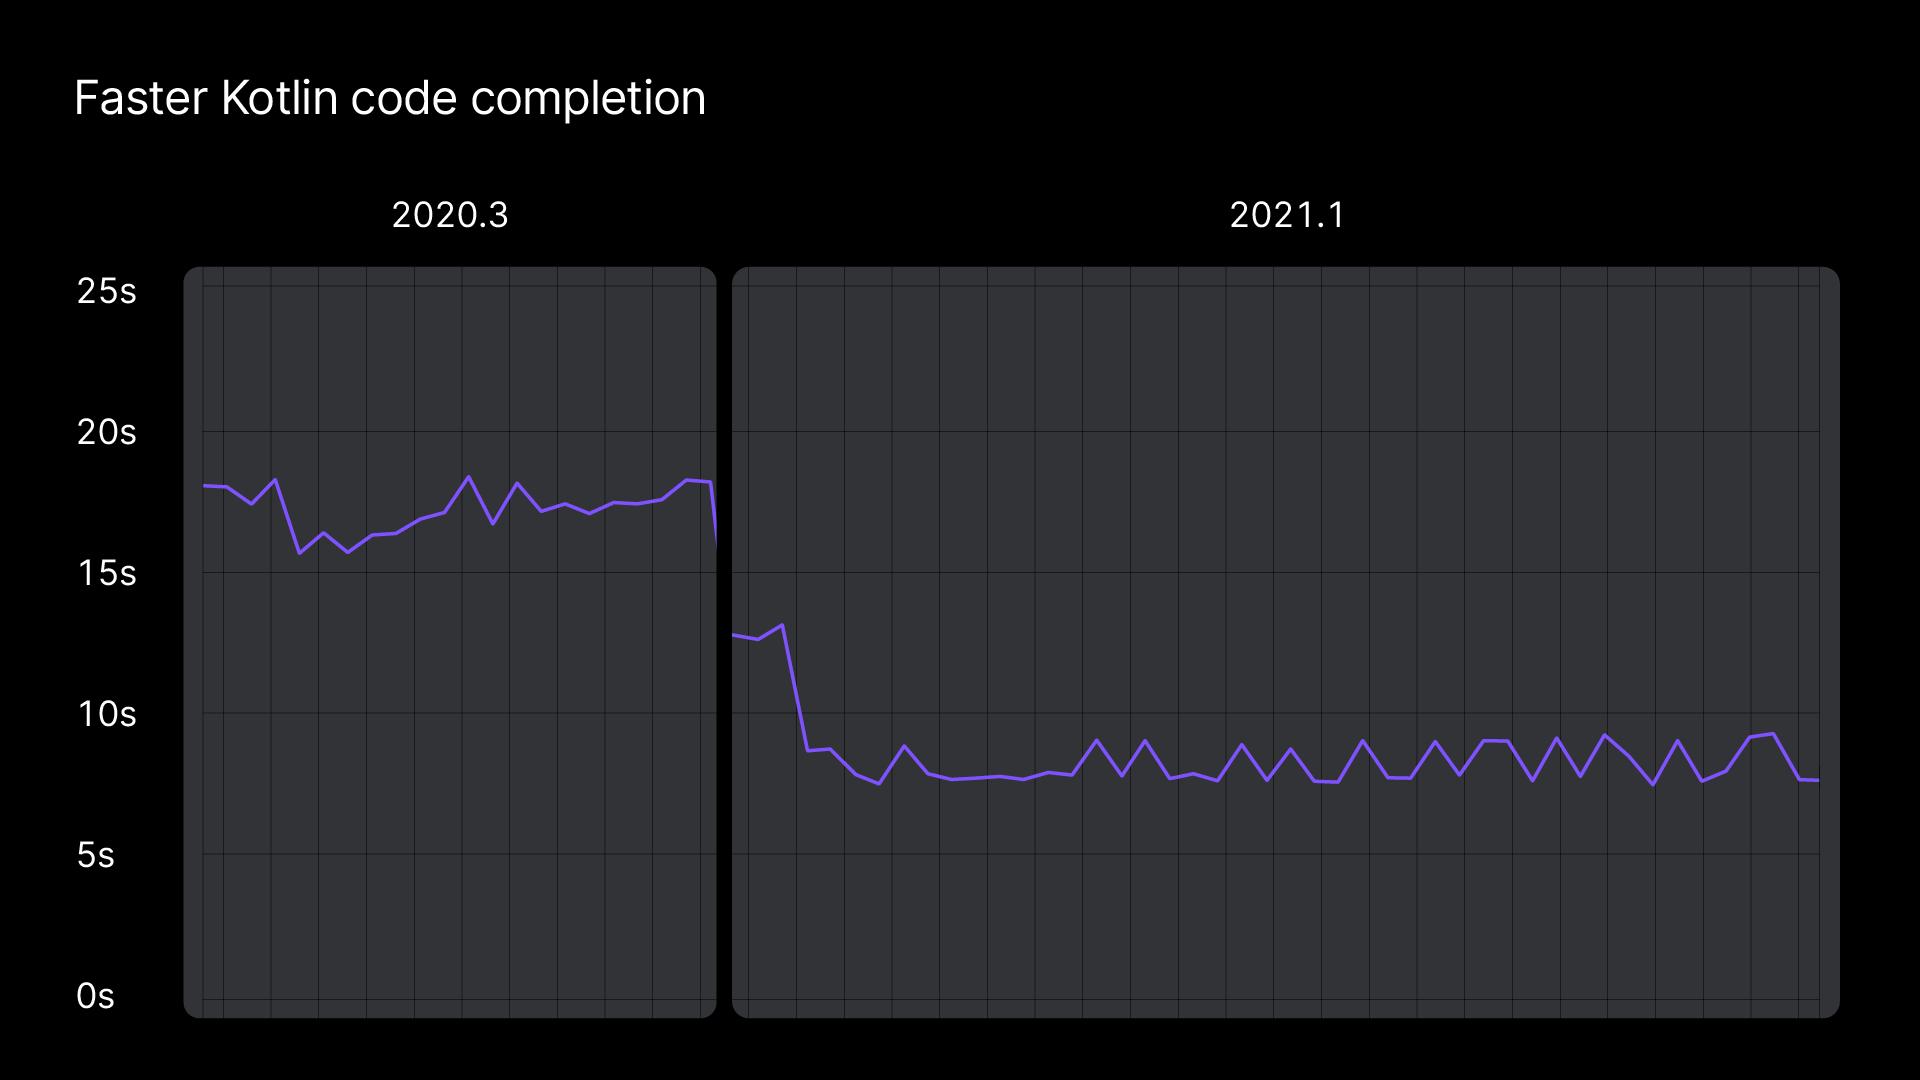 Faster Kotlin code completion